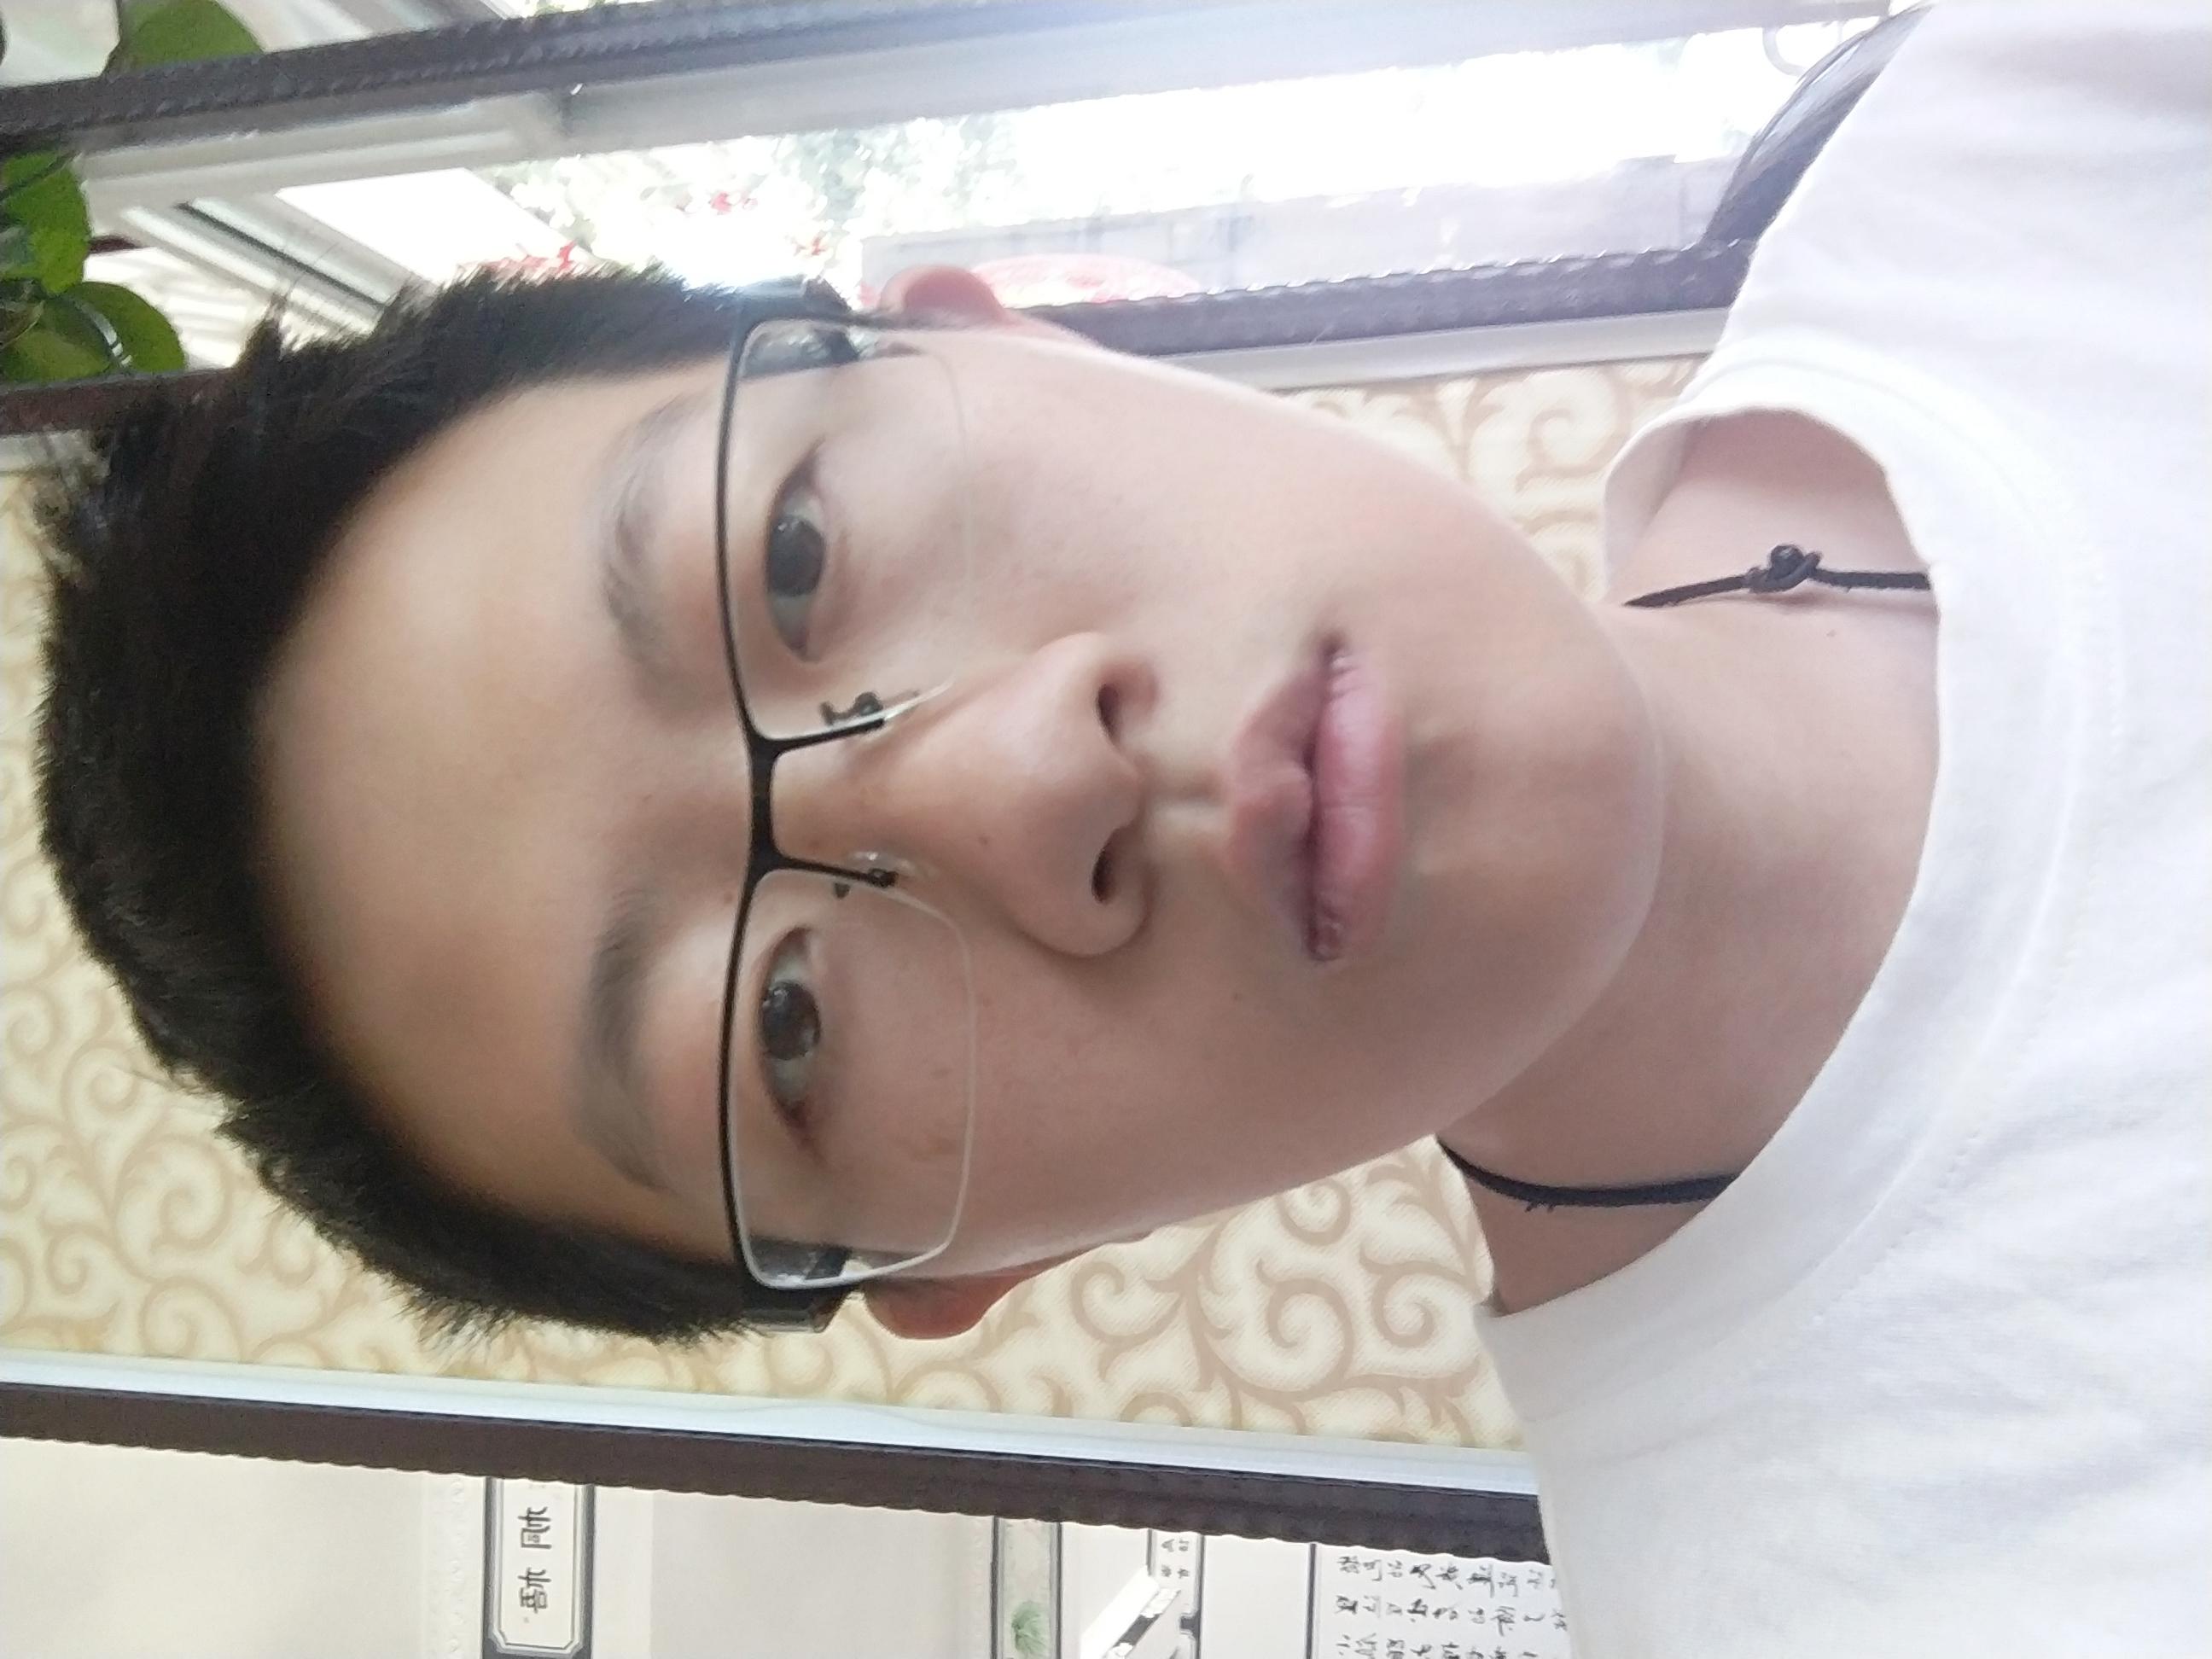 昆明家教刘教员